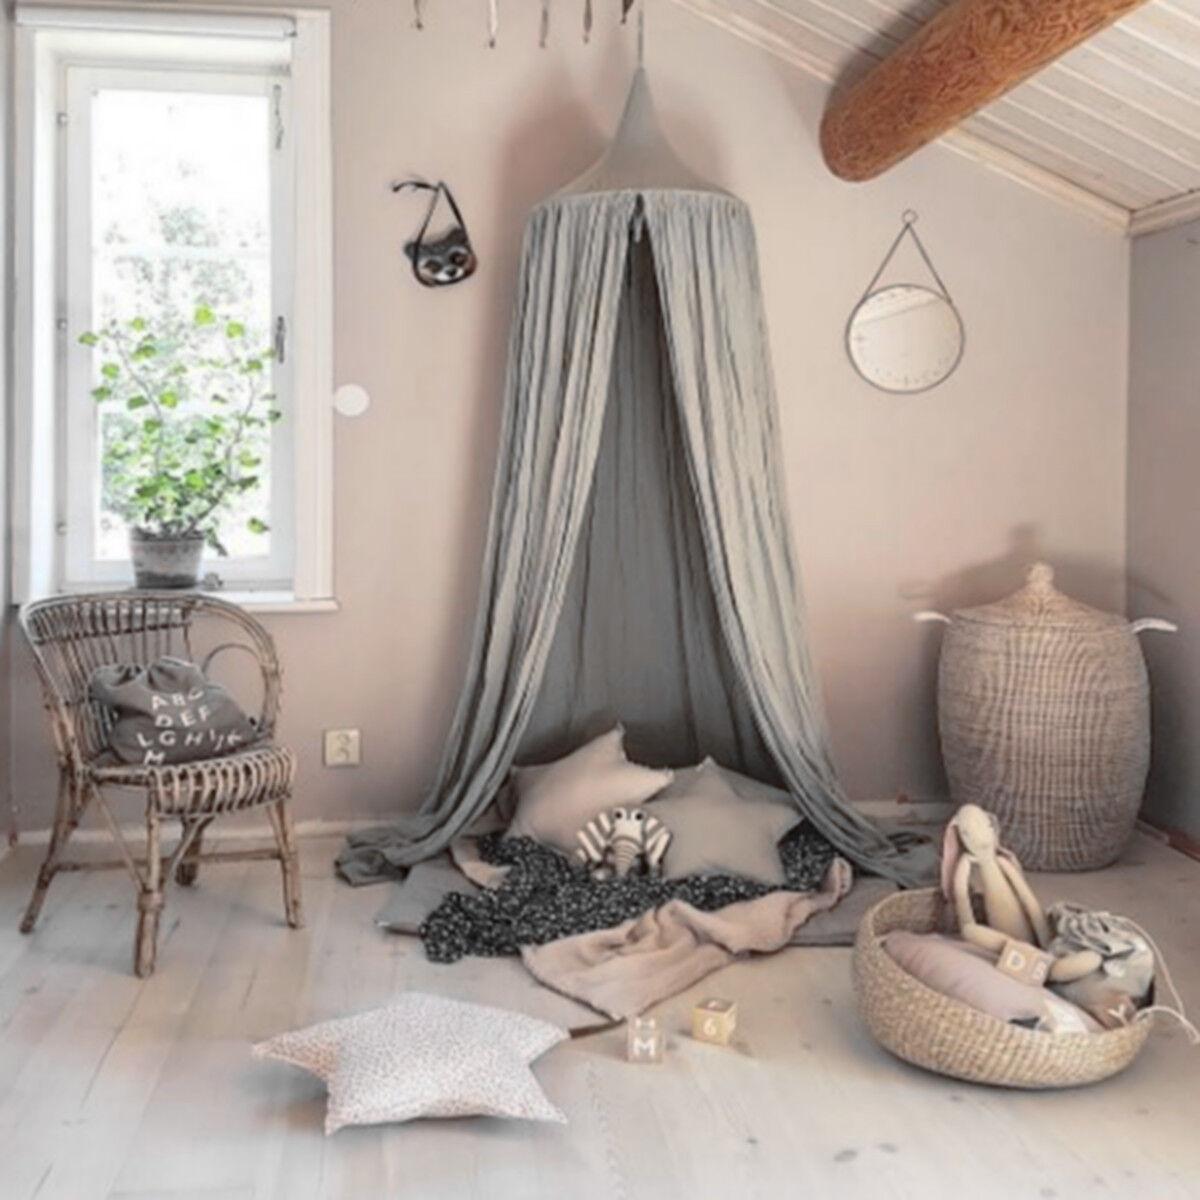 baumwolle betthimmel baldachin moskitonetz rundum nestchen kinder schlafzimmer ebay. Black Bedroom Furniture Sets. Home Design Ideas